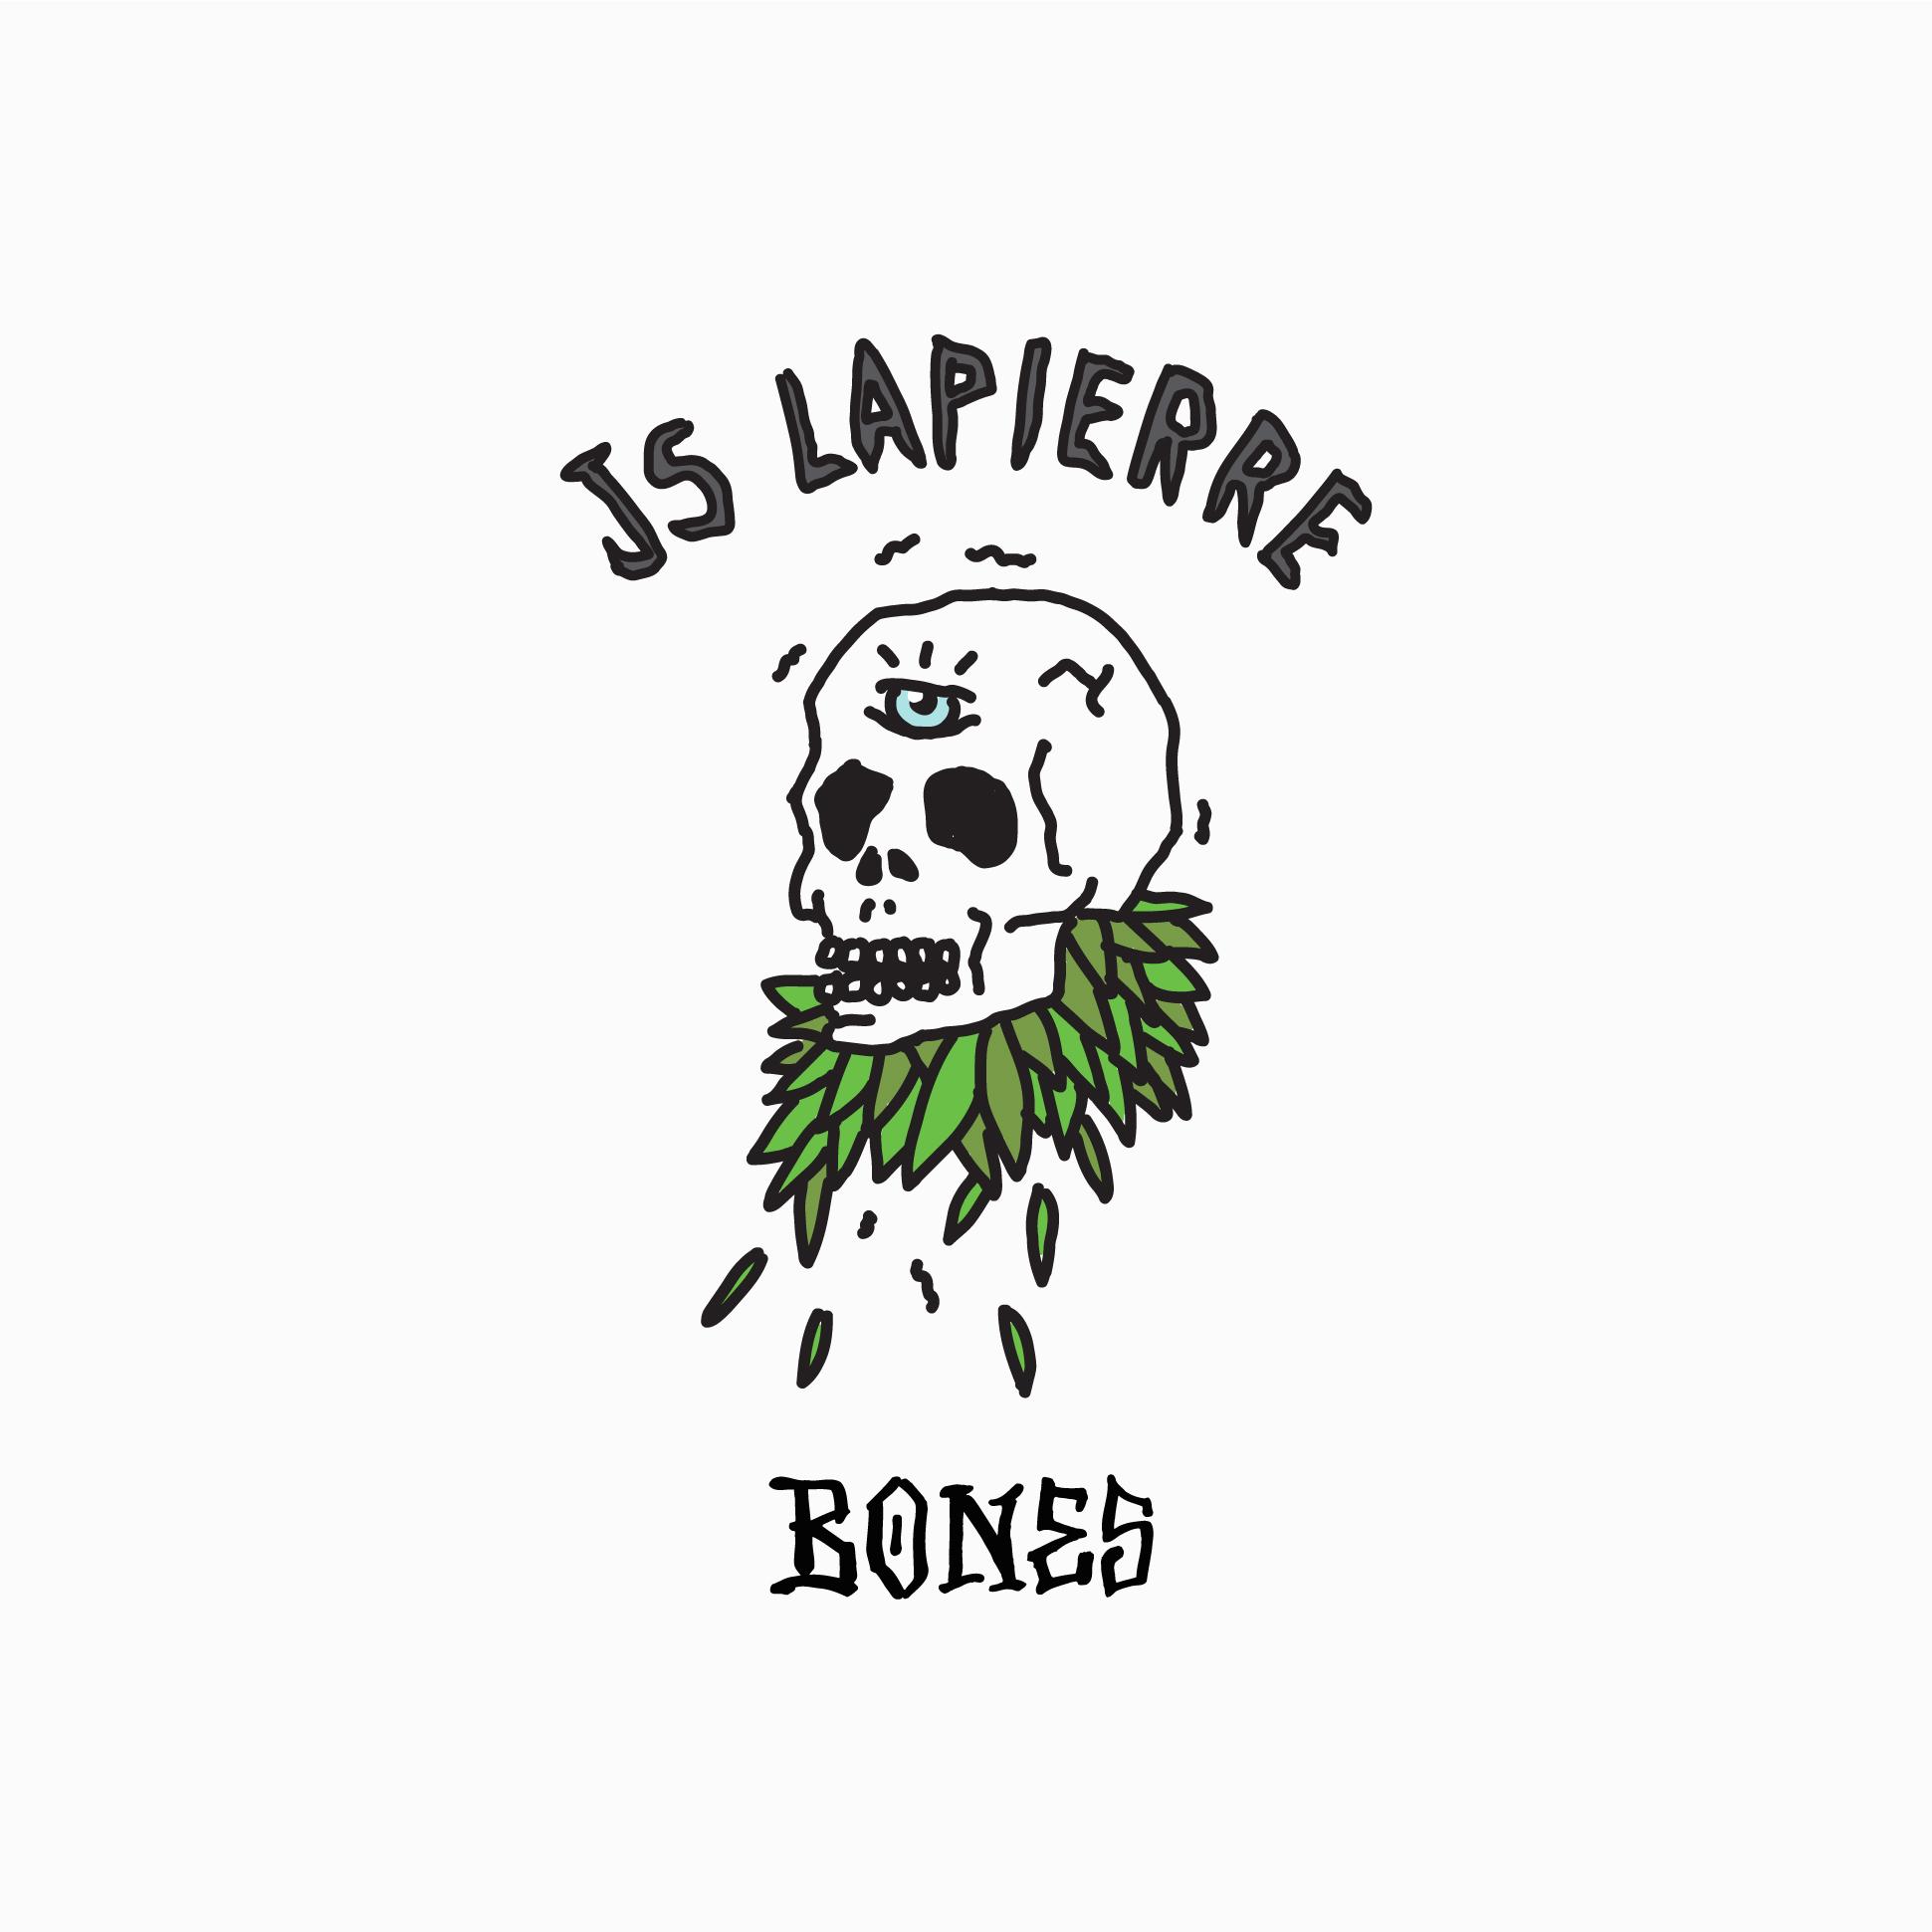 Brother-Merle-Bones-Js-Lapierre.jpg